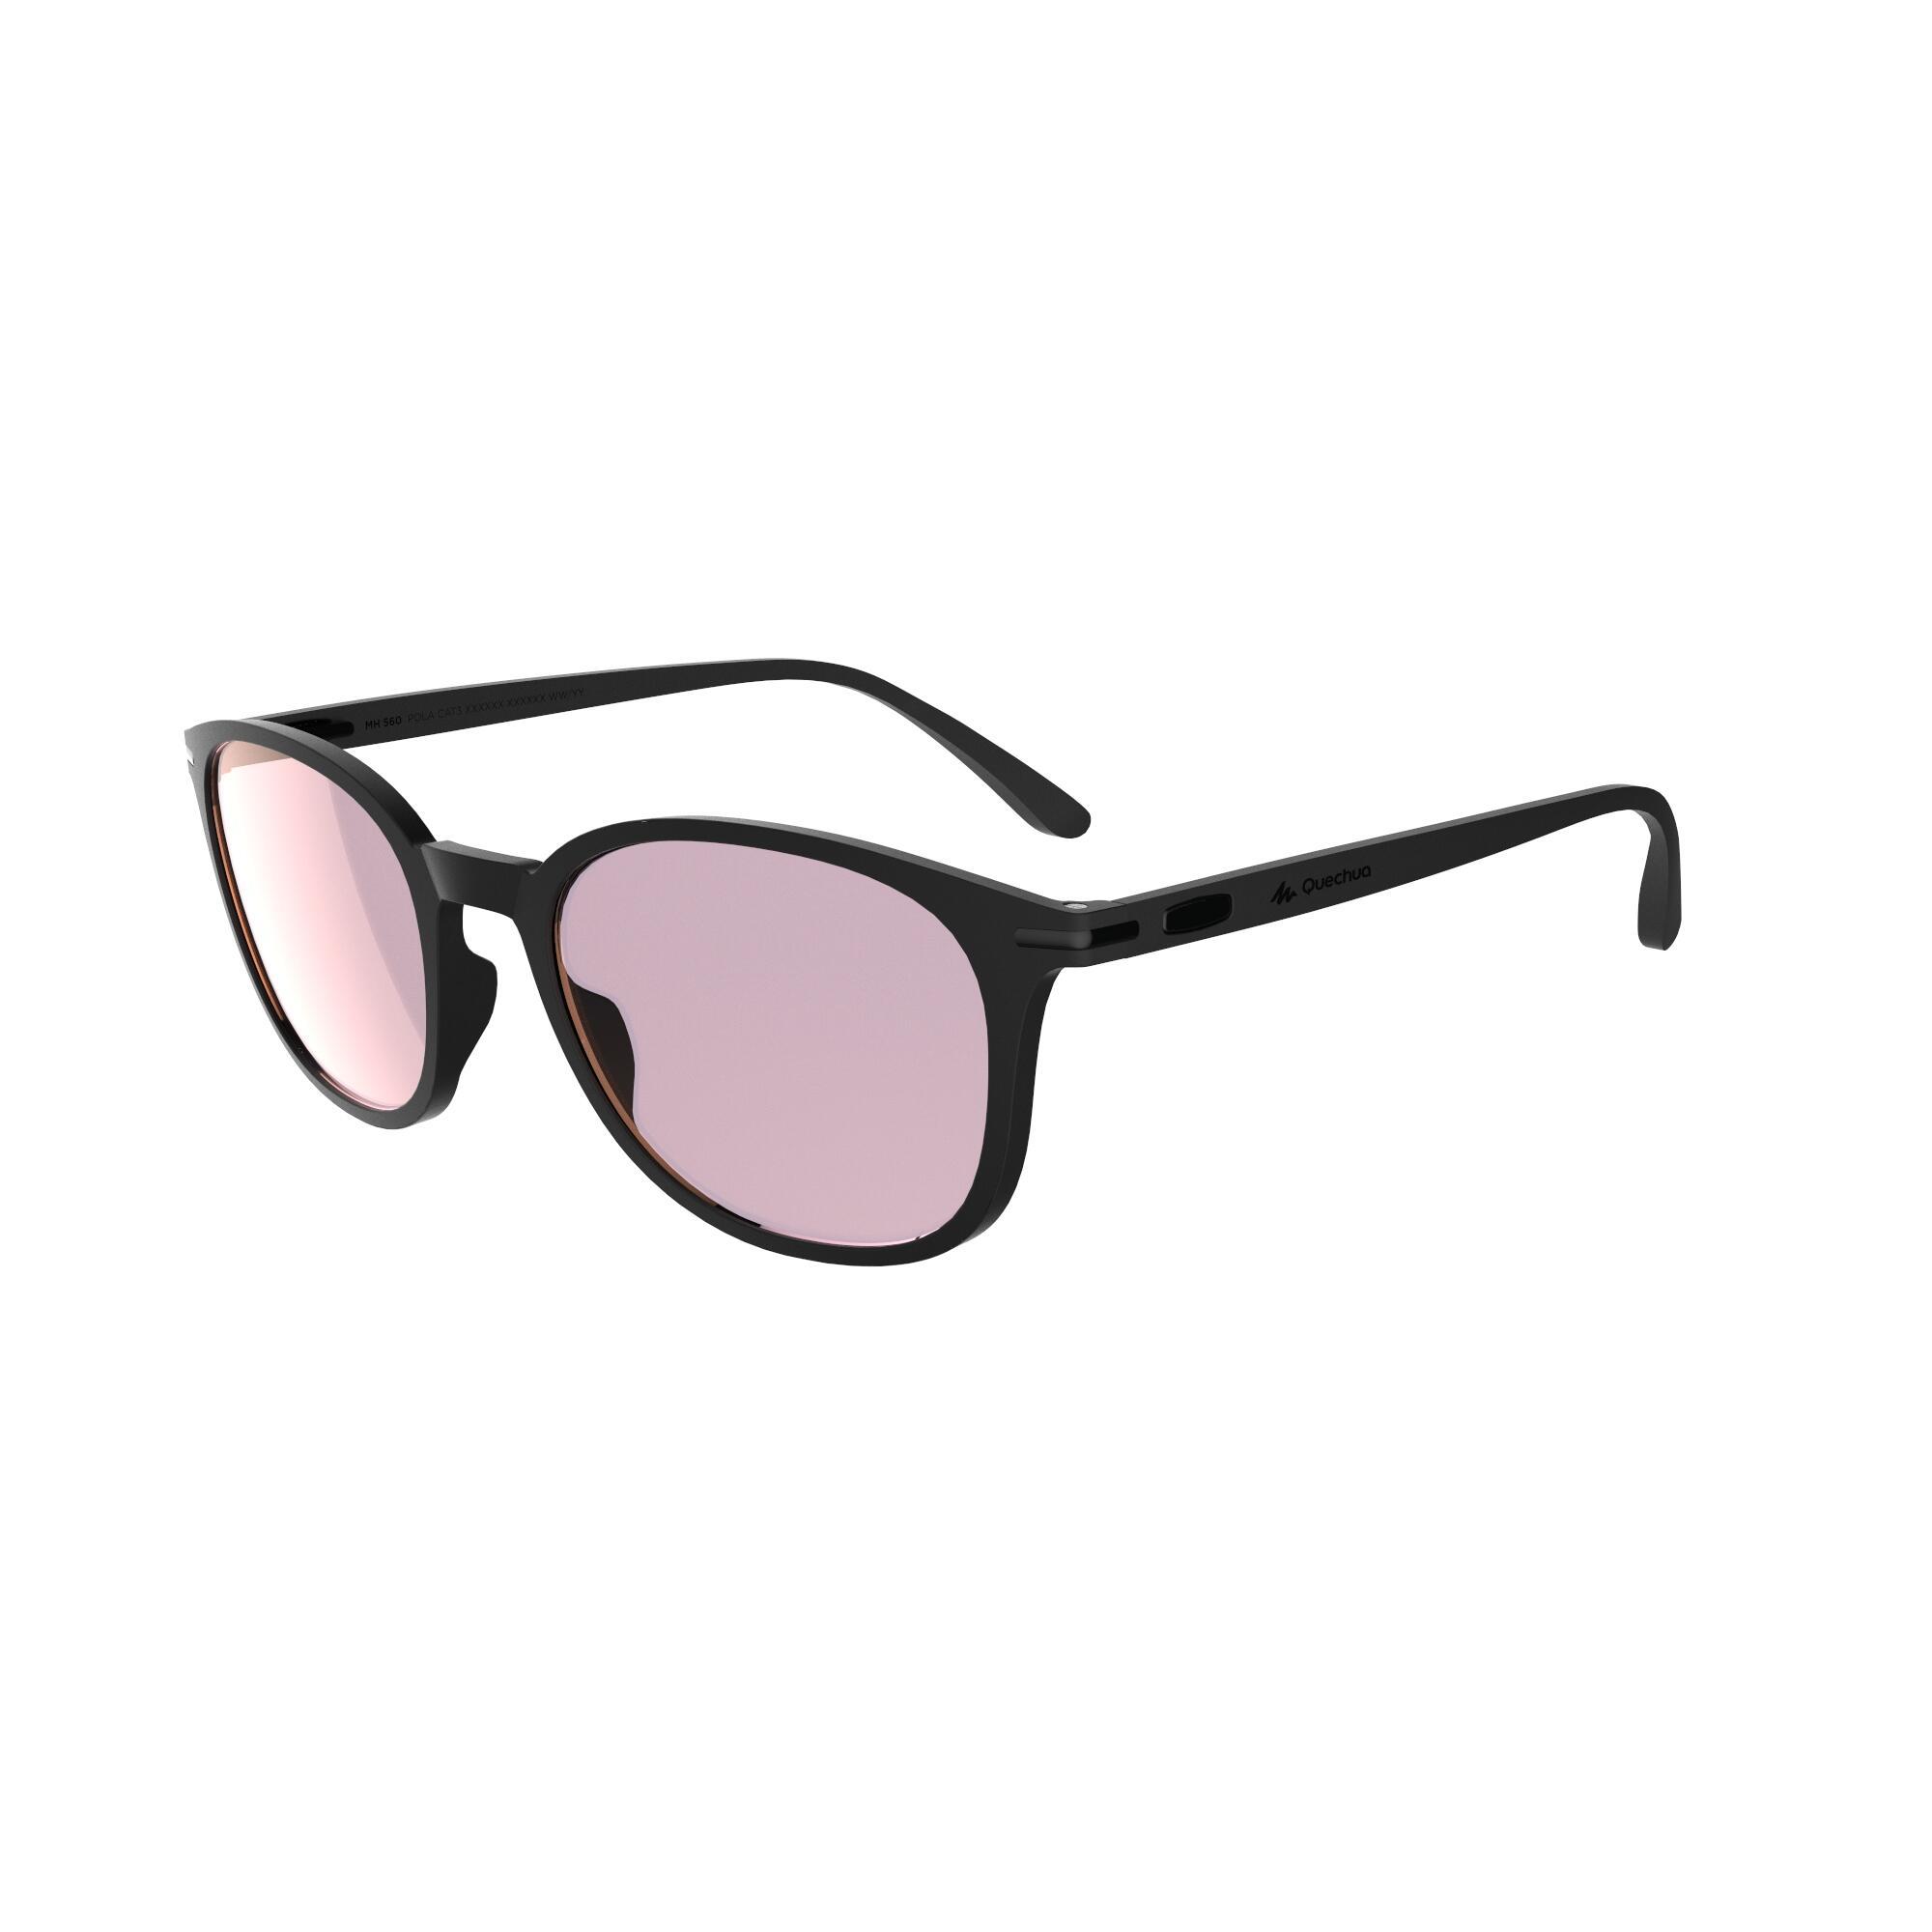 Sonnenbrille Wandern MH160 Polarisierend Erwachsene Kategorie 3 schwarz   Accessoires > Sonnenbrillen   Quechua